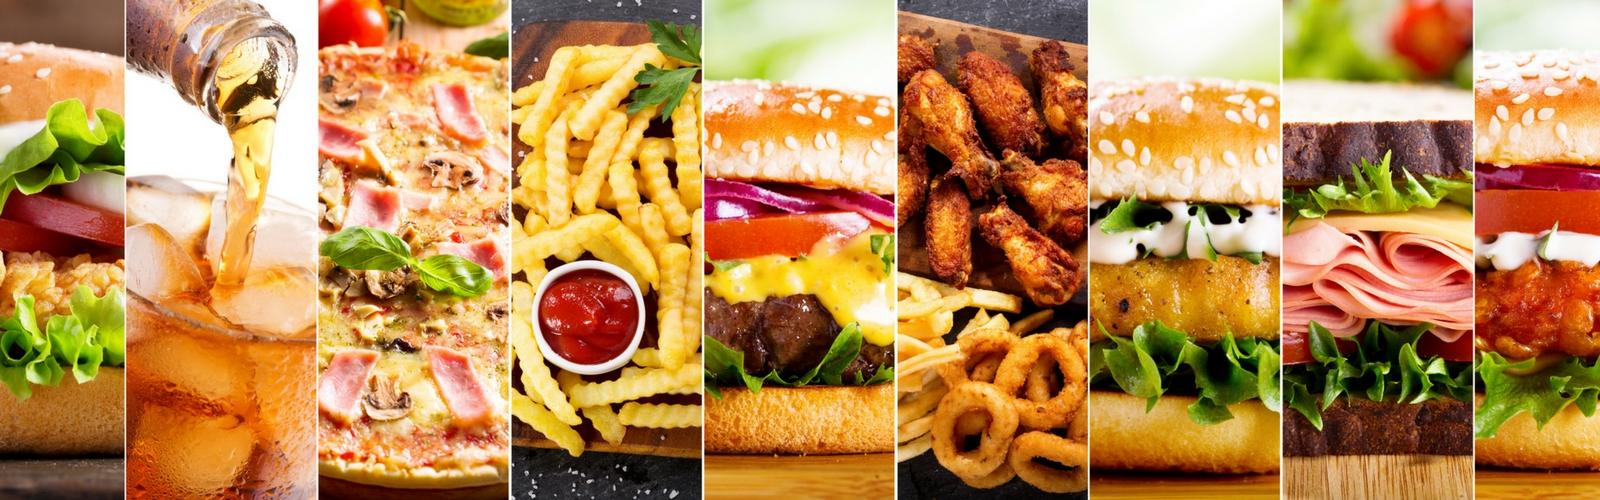 food-and-bevarge-header